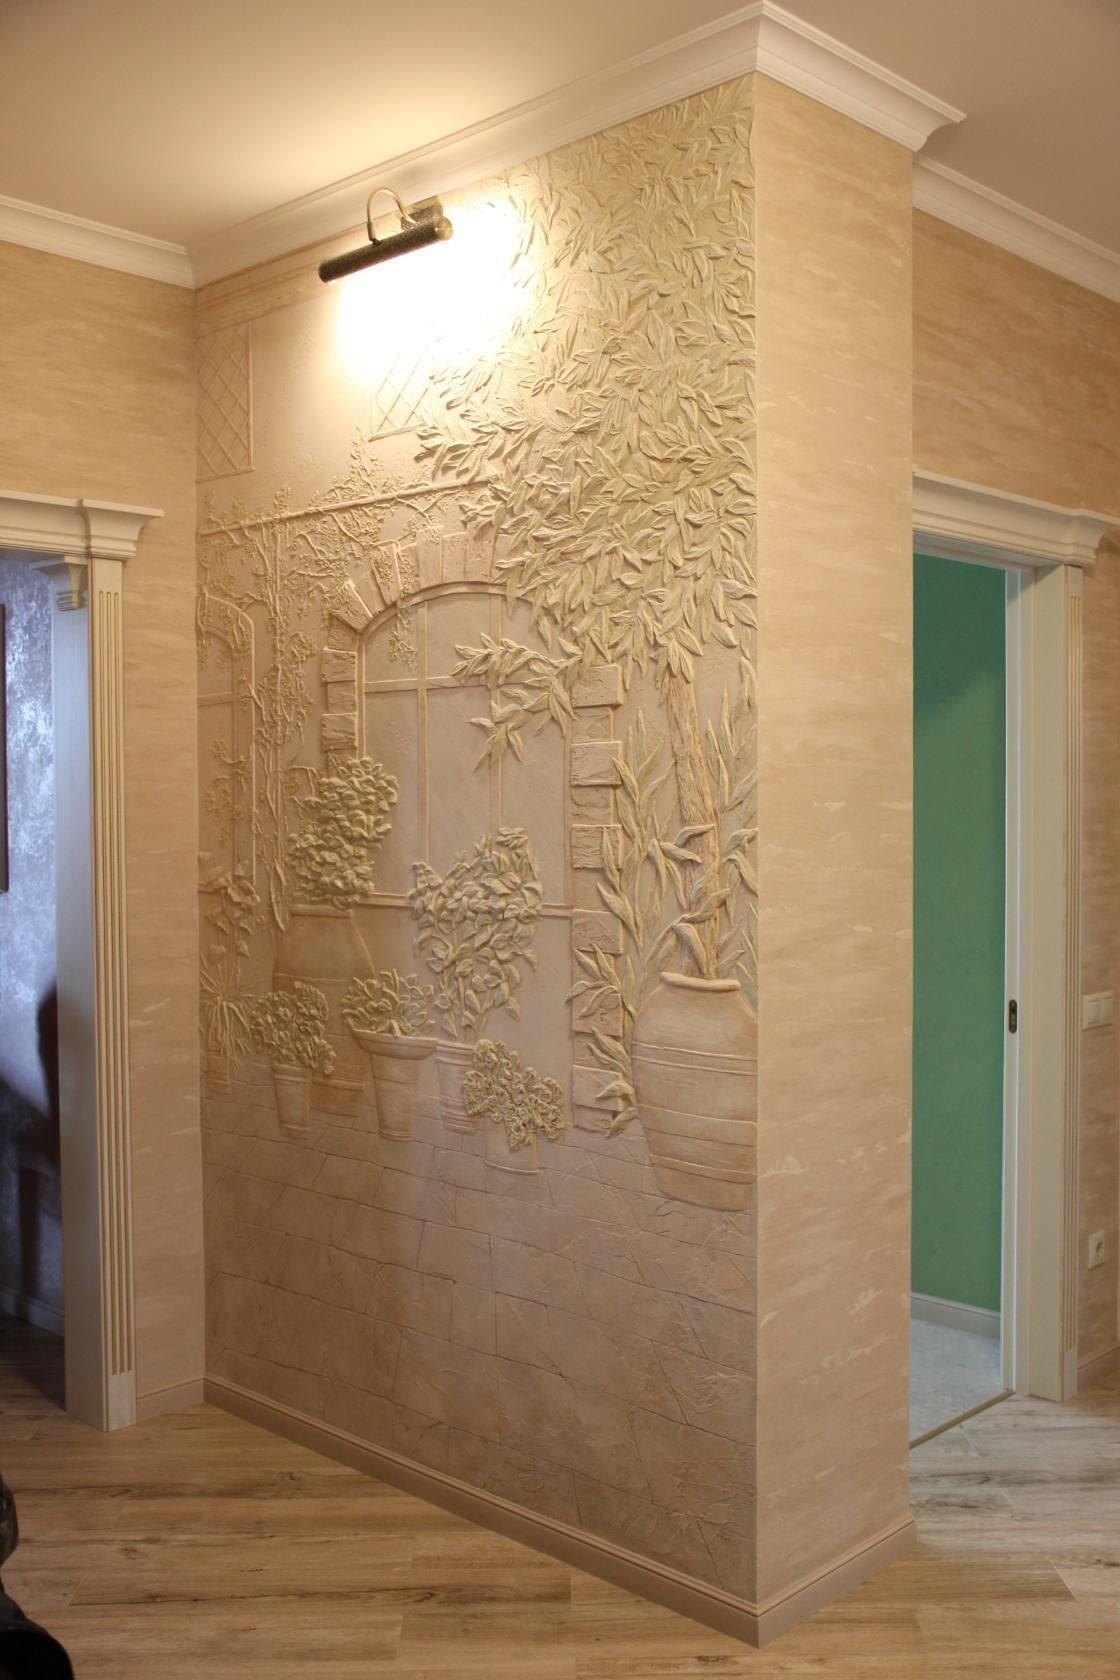 как украсить оштукатуренную стену в коридоре фото женщина увидела сне